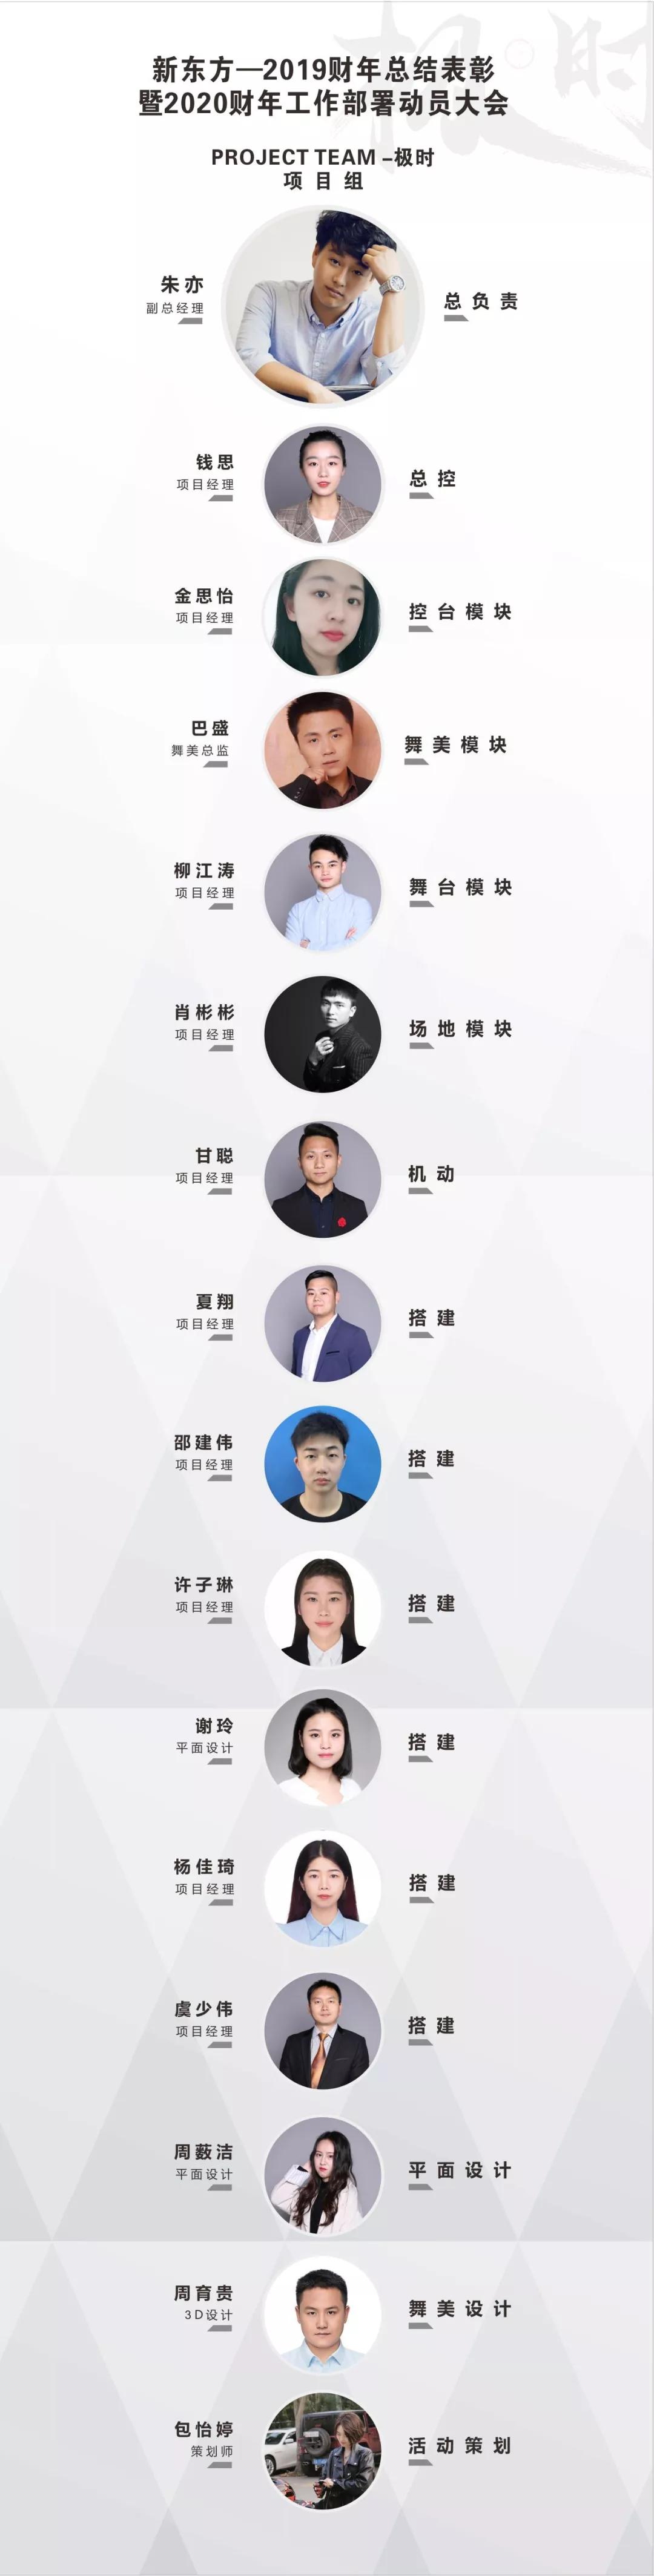 新东方年会伍方极时项目组